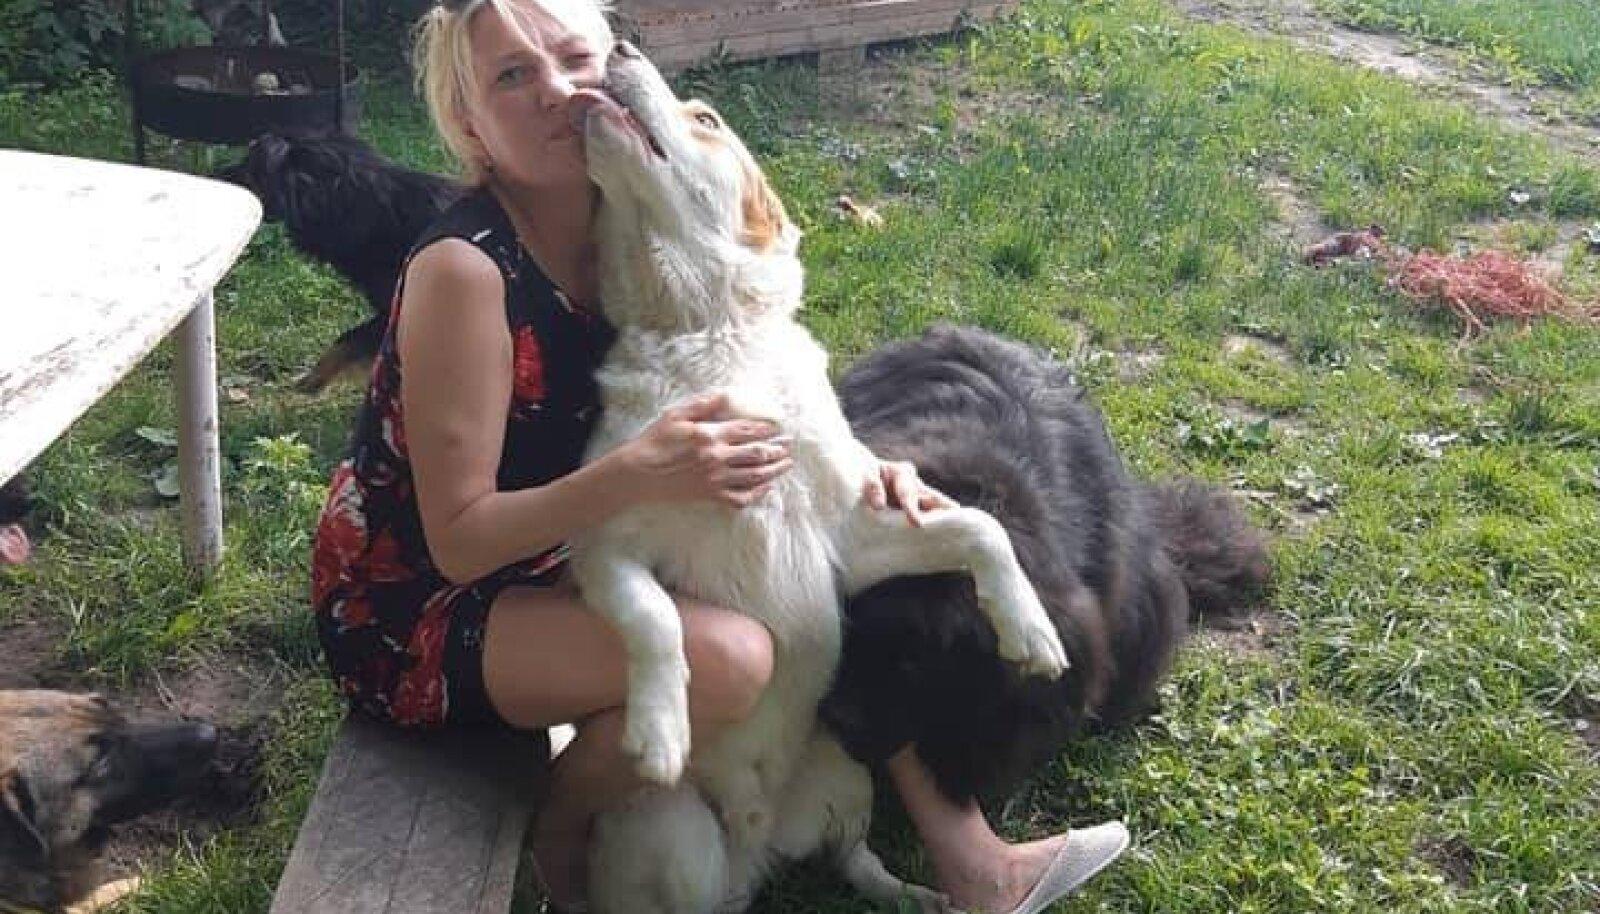 Irmeli missioon on aidata just vanu ja vigastatud koeri